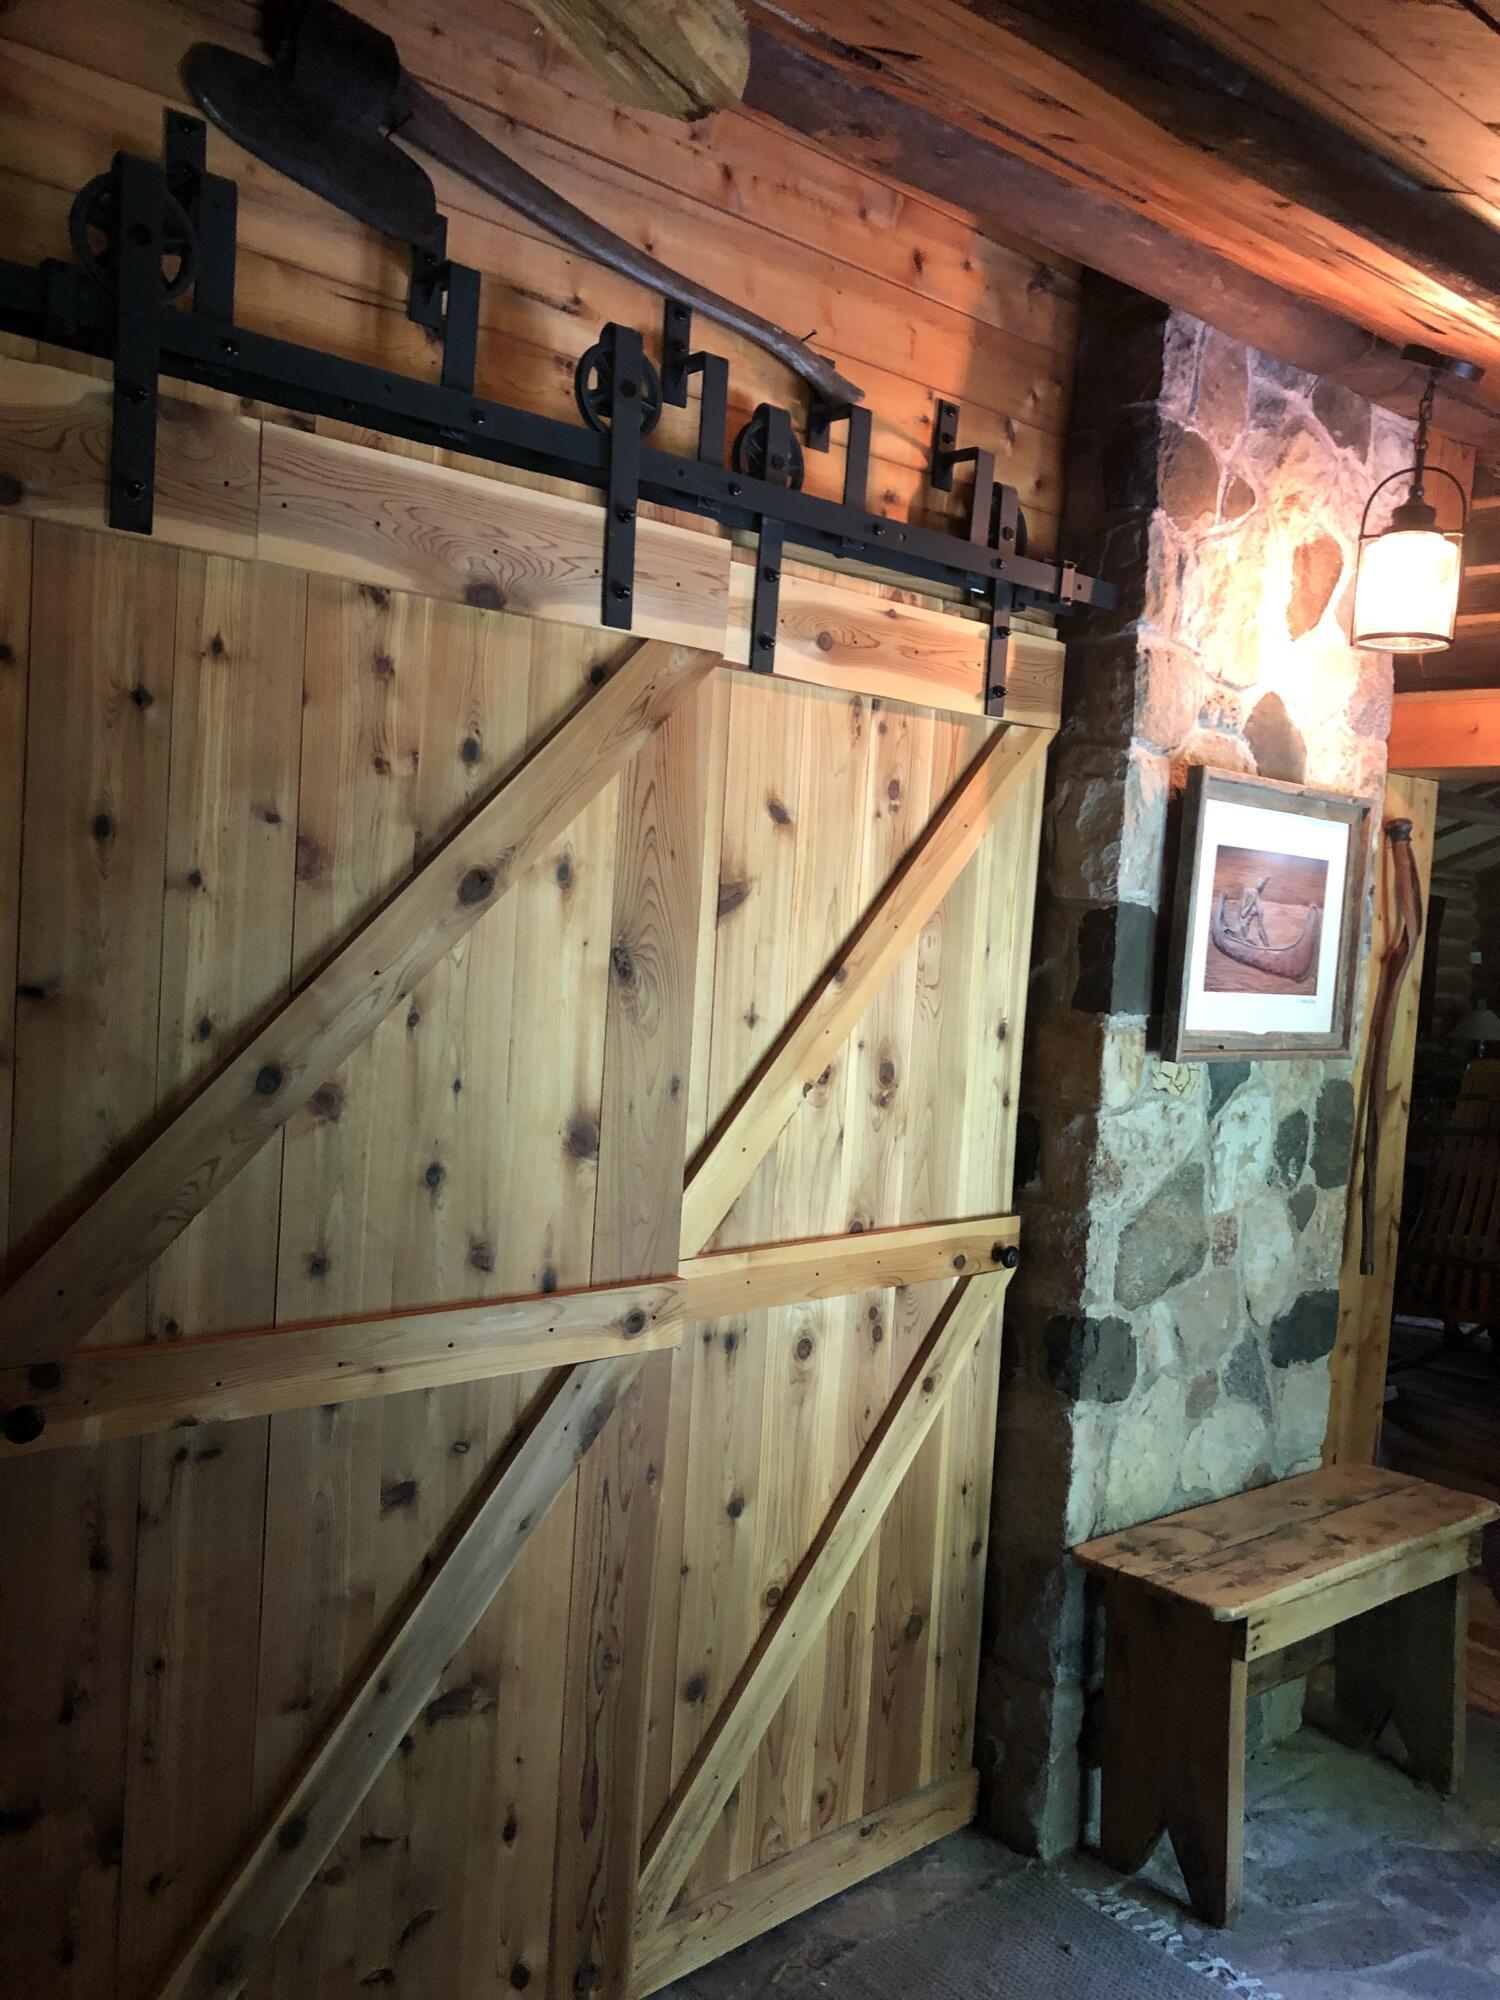 Downstairs and bathroom barn doors